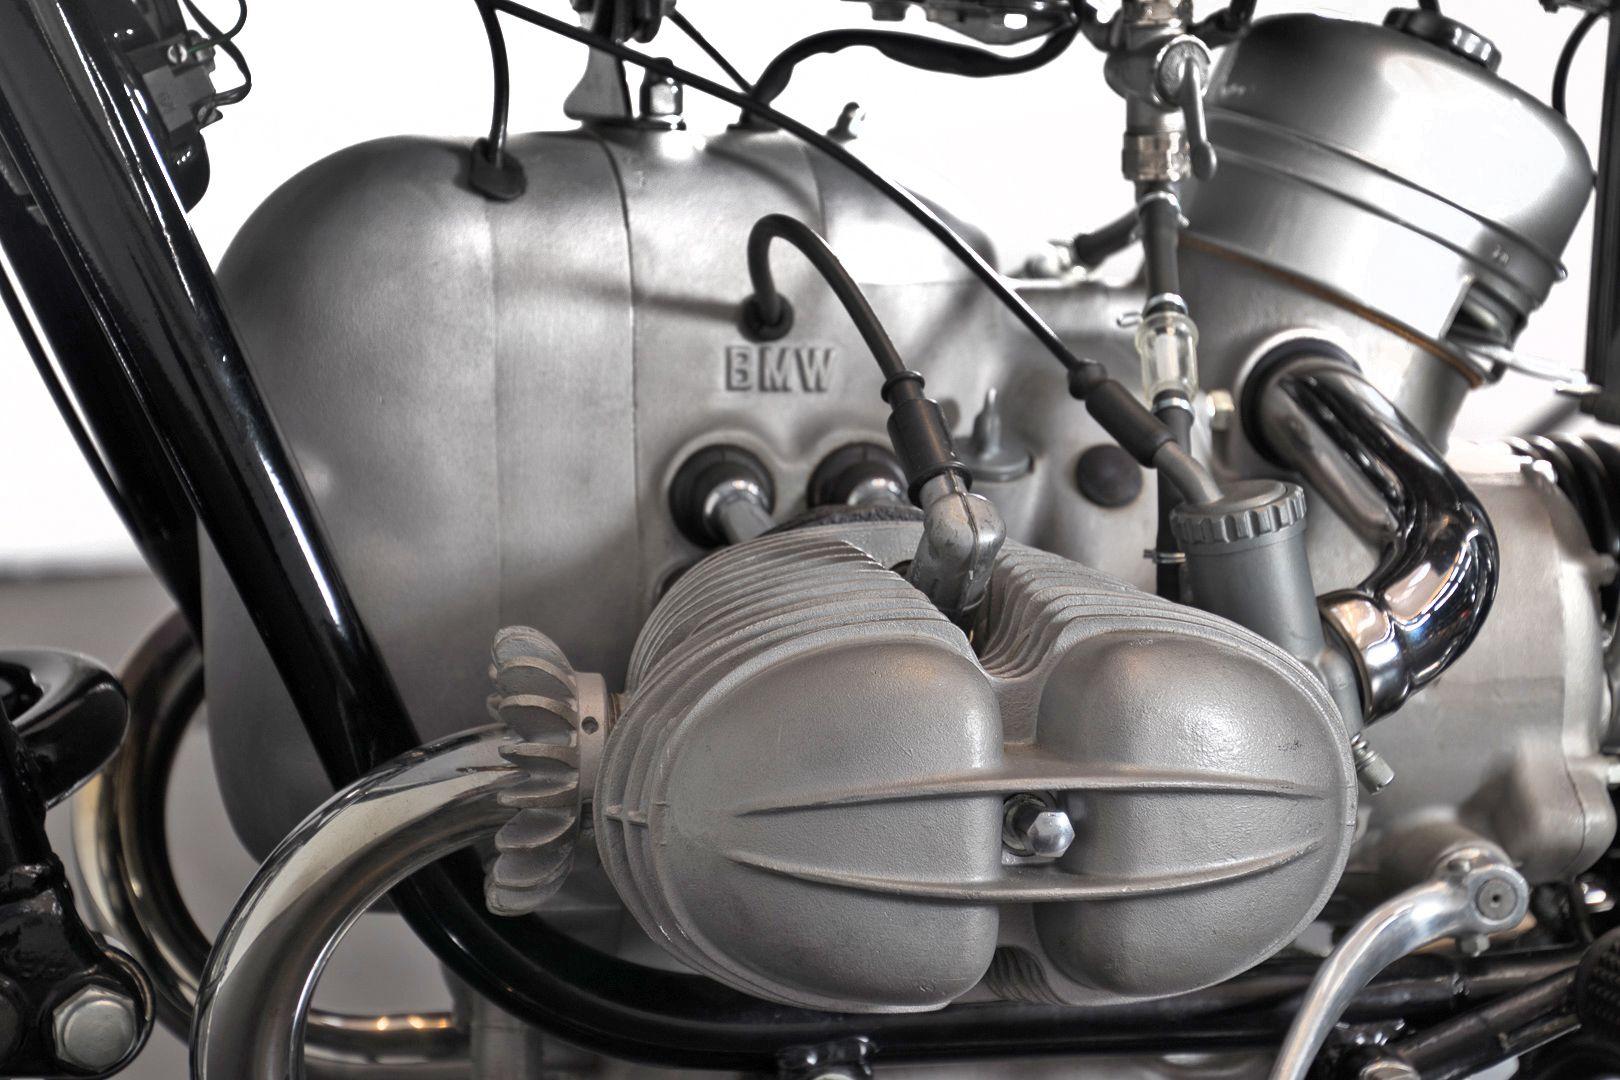 1959 BMW R 69 35740